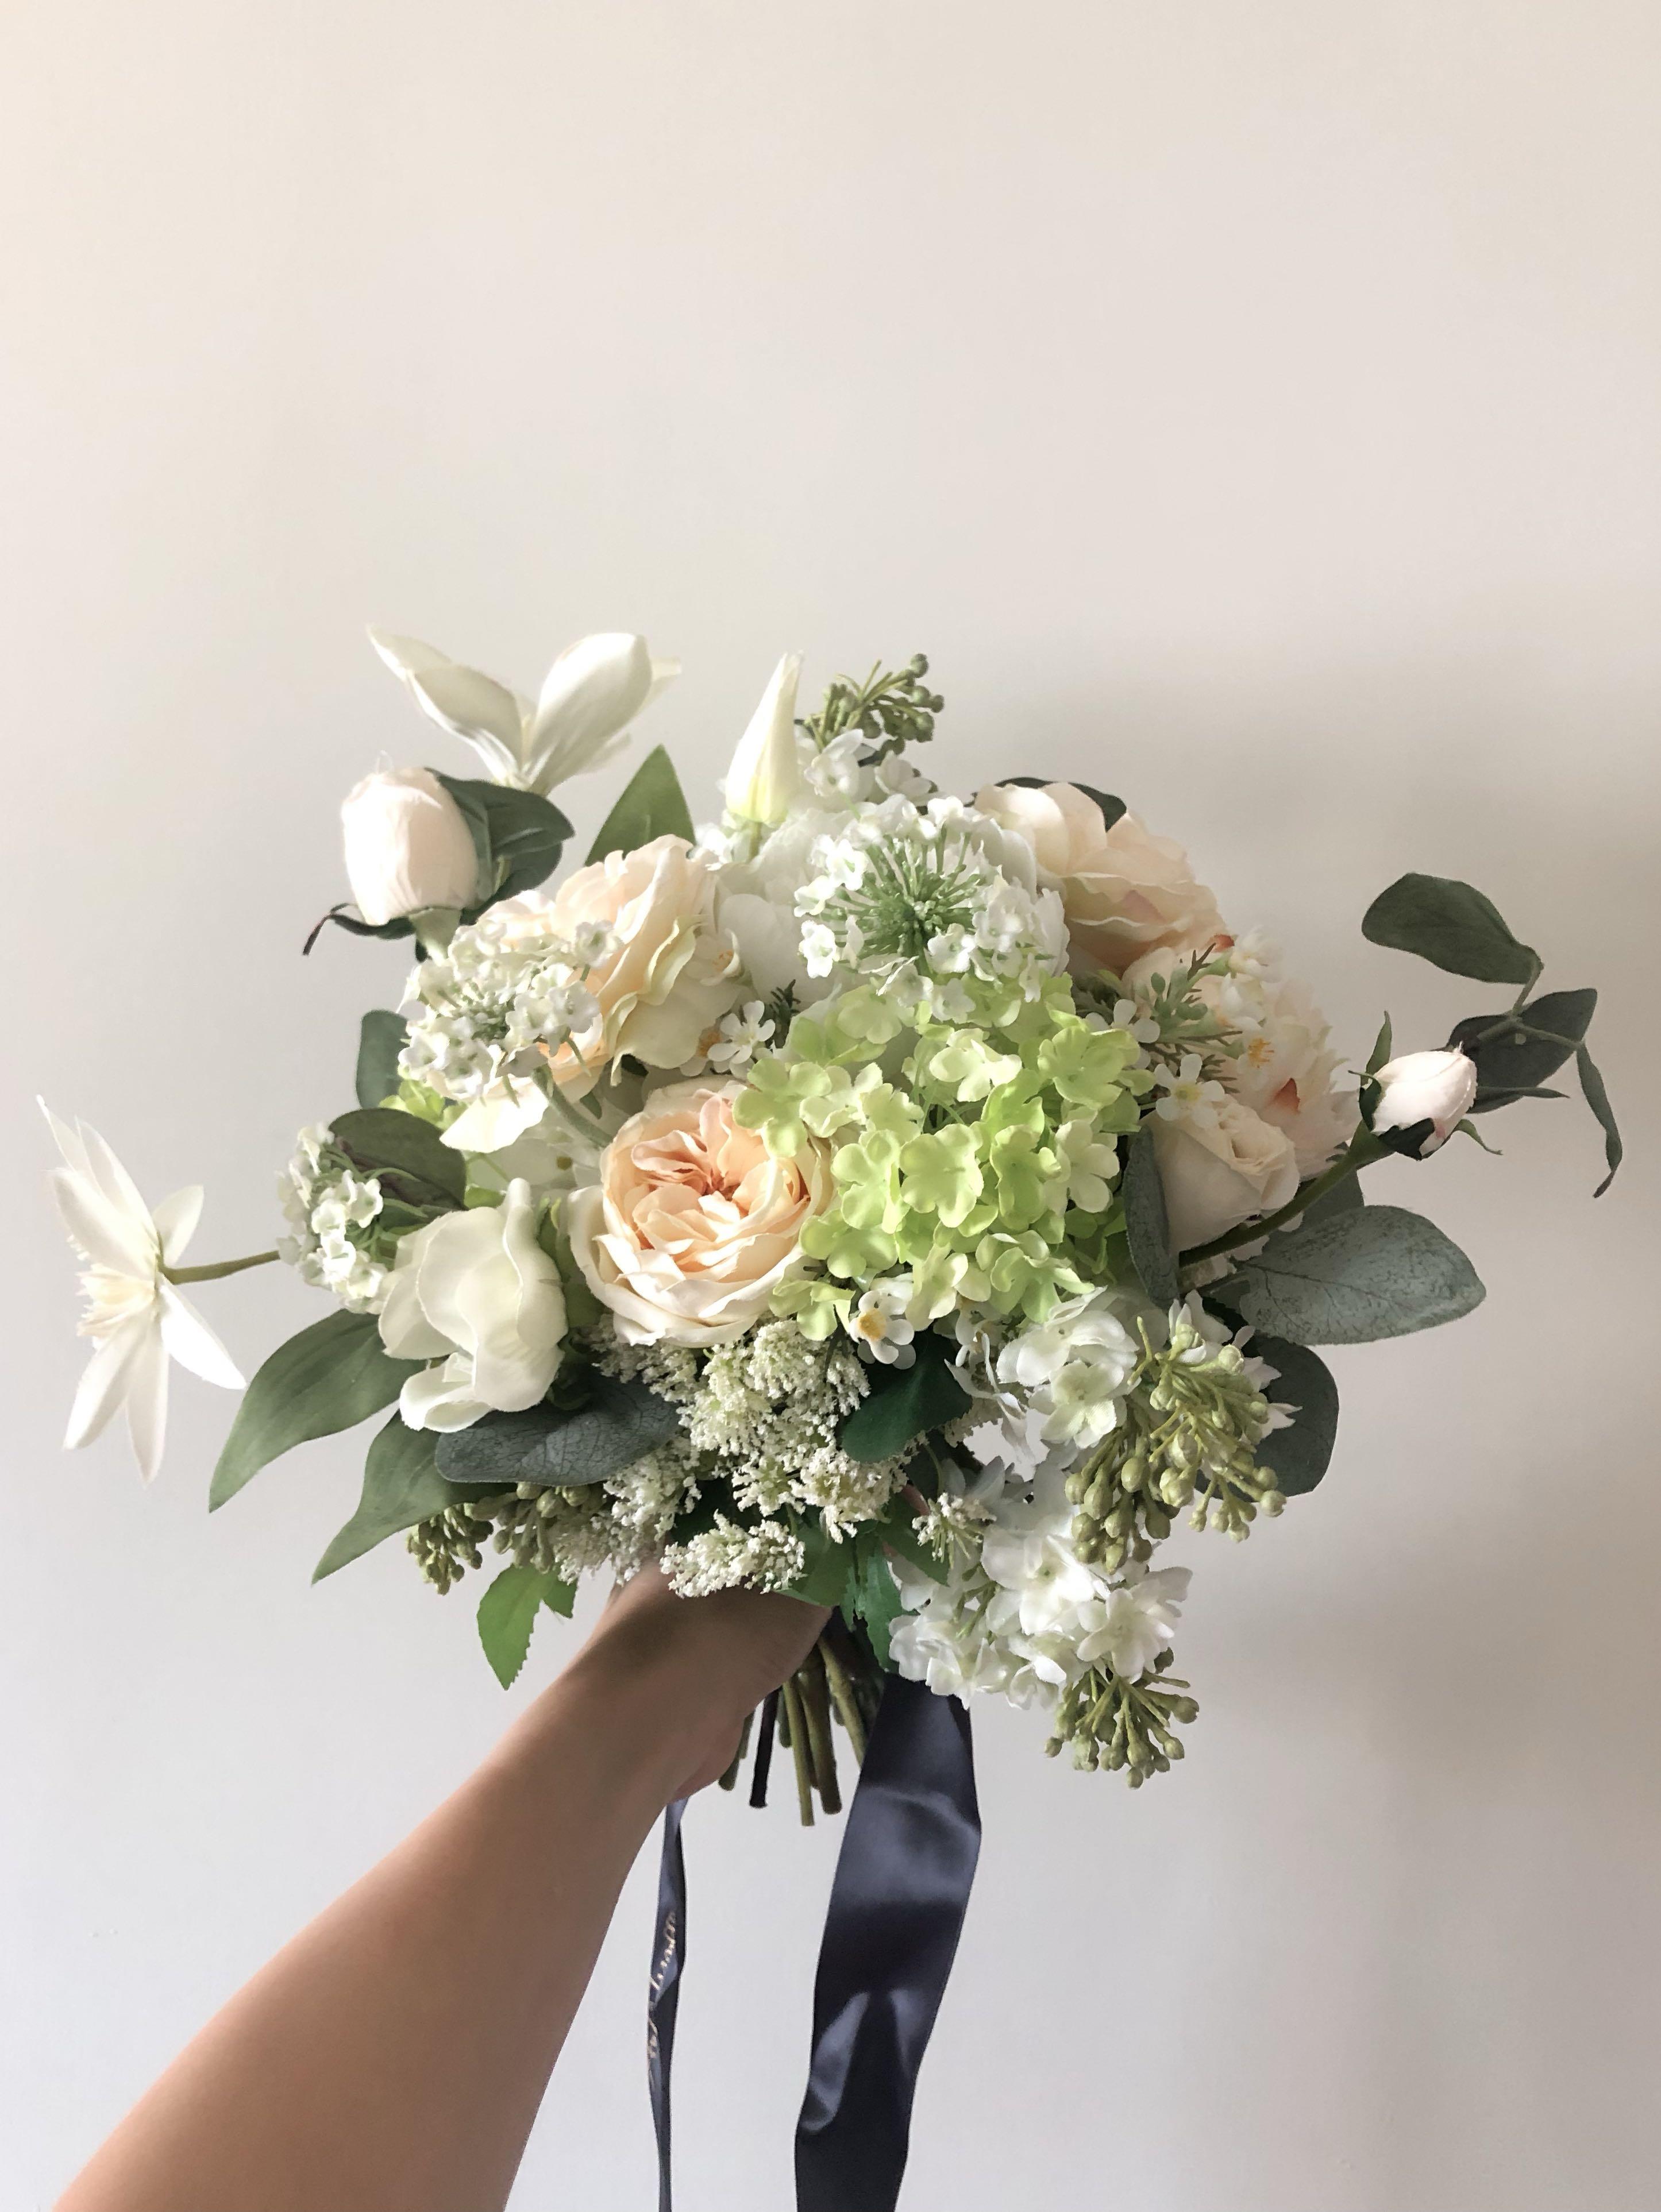 Bunny Garden silk flower bouquet 結婚花球 絲花球